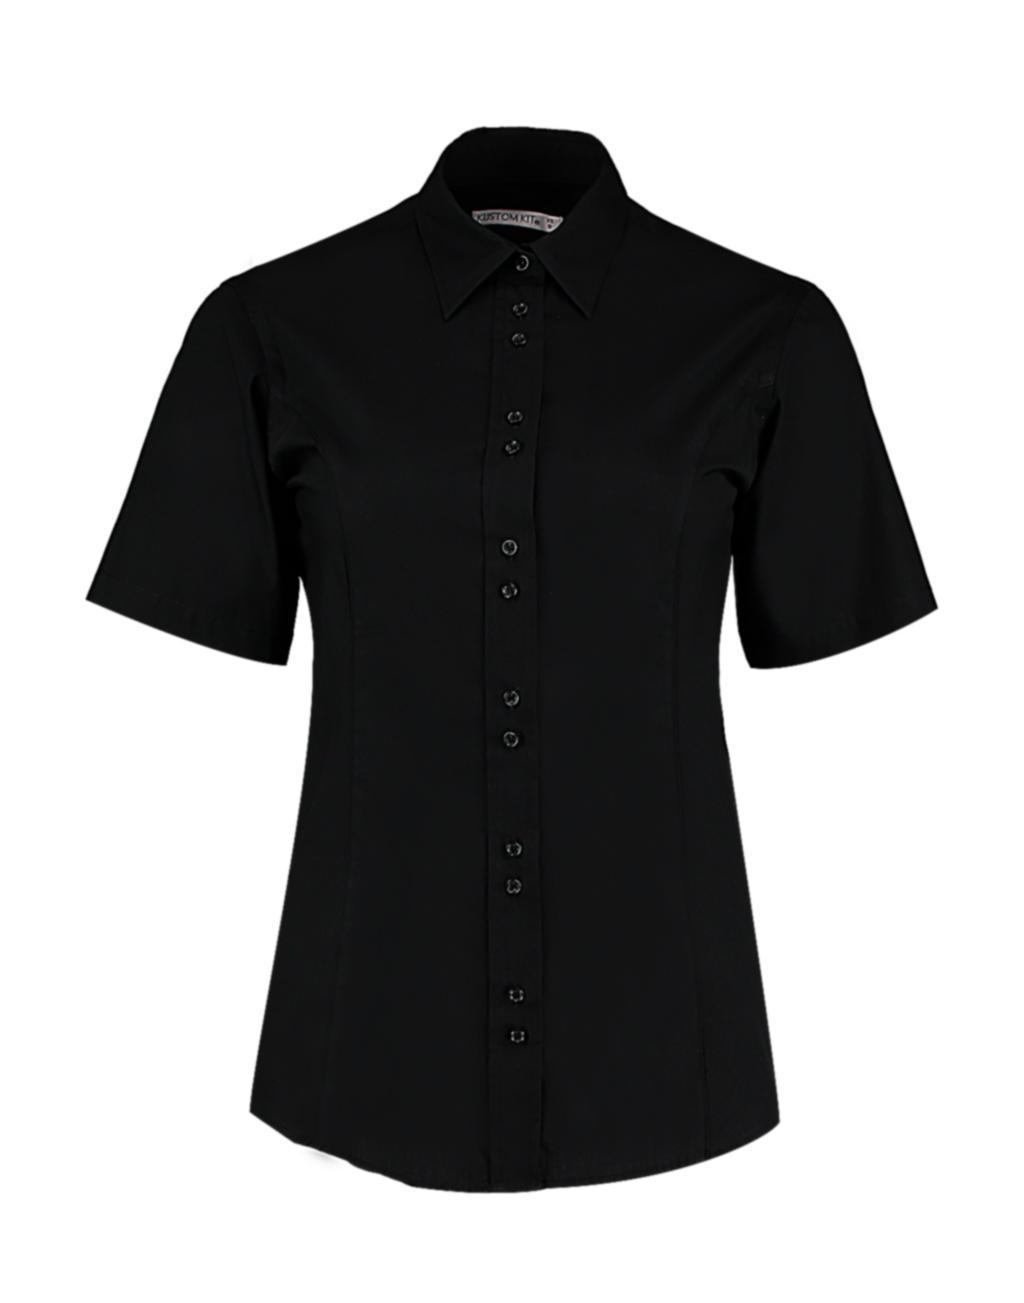 Dámská košile City Tailored fit s kr. ruk. - zvìtšit obrázek